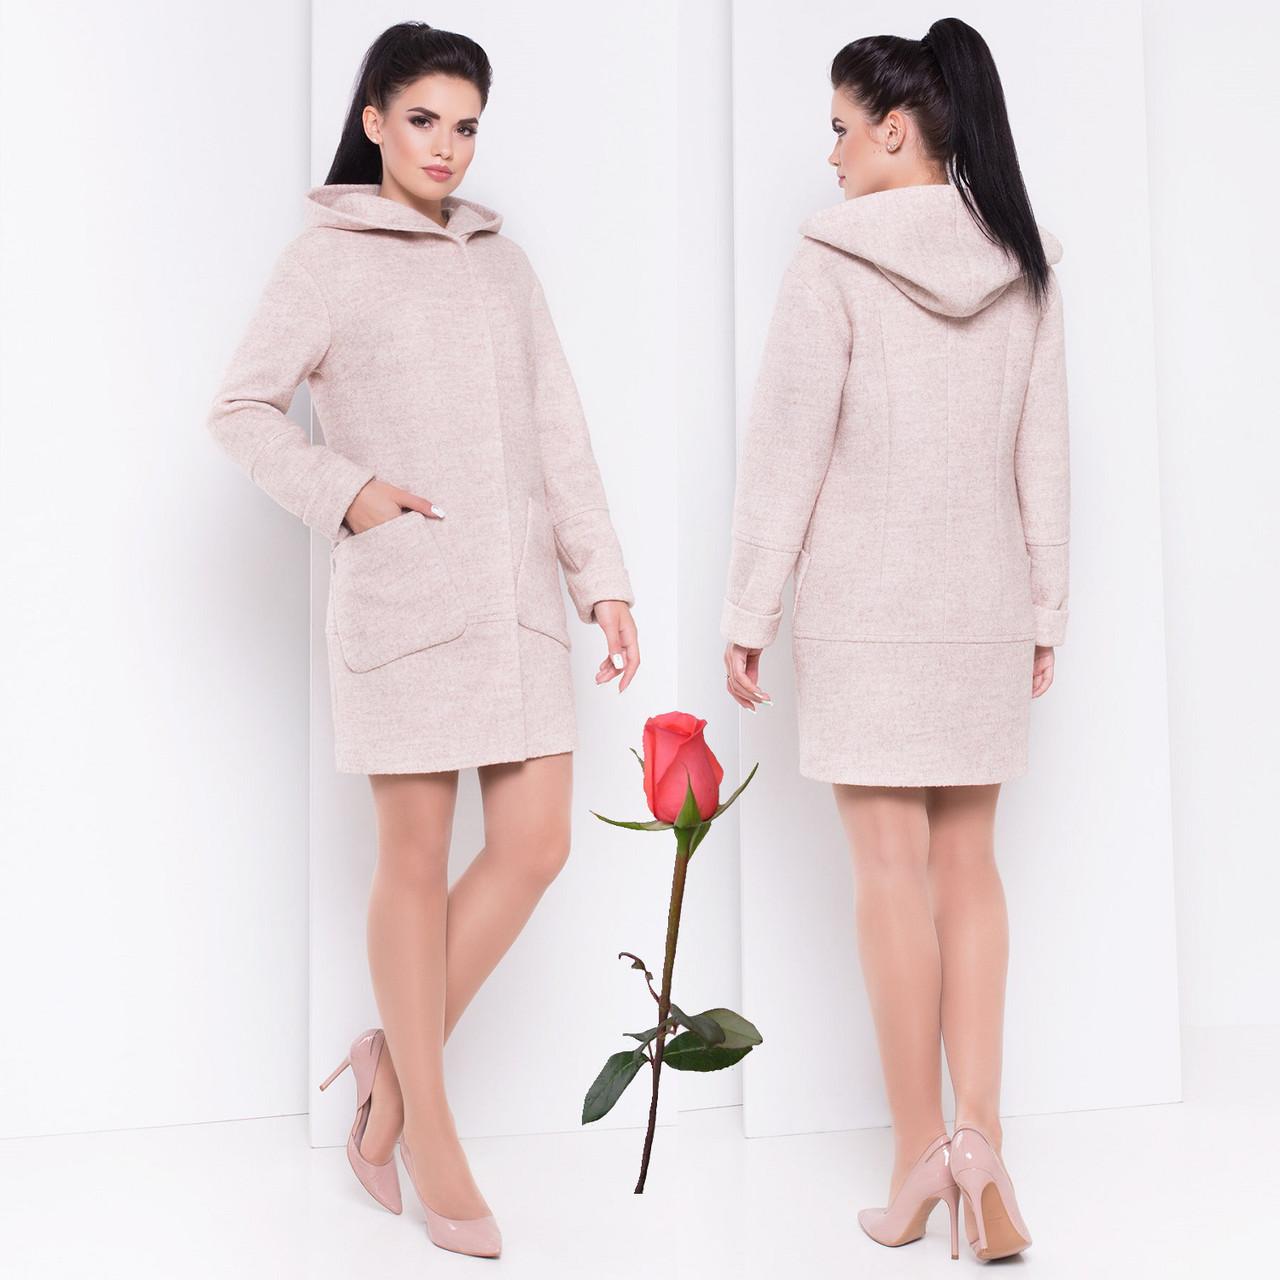 Женское демисезонное короткое пальто с капюшоном М 3299 Бежевый ... f382dbf61a051